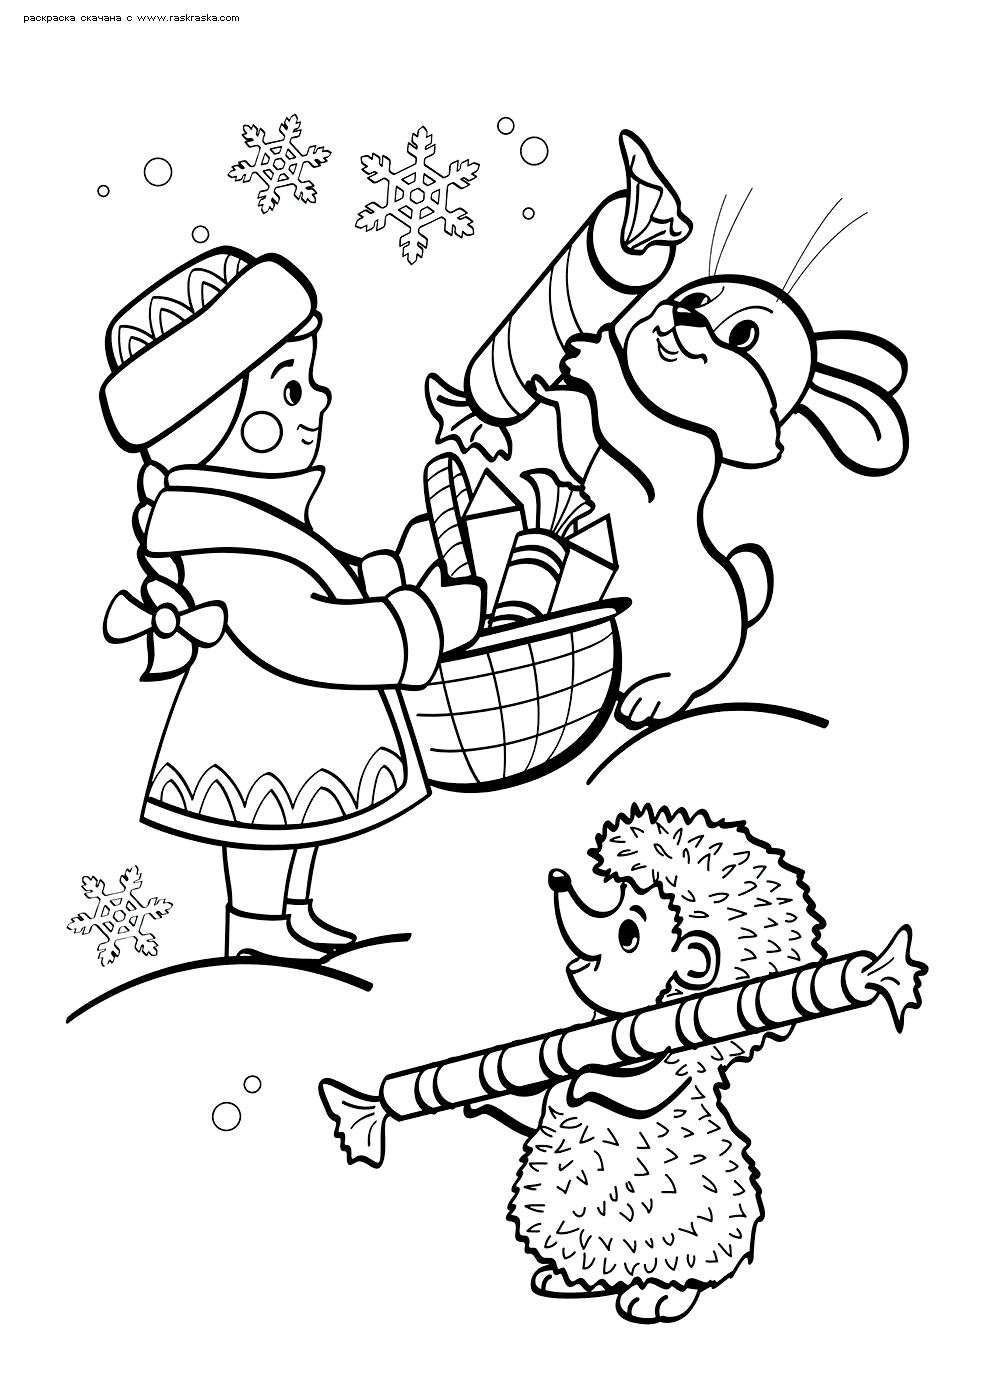 Раскраска Снегурочка в зимнем лесу. Раскраска снегурочка, заяц, ежик